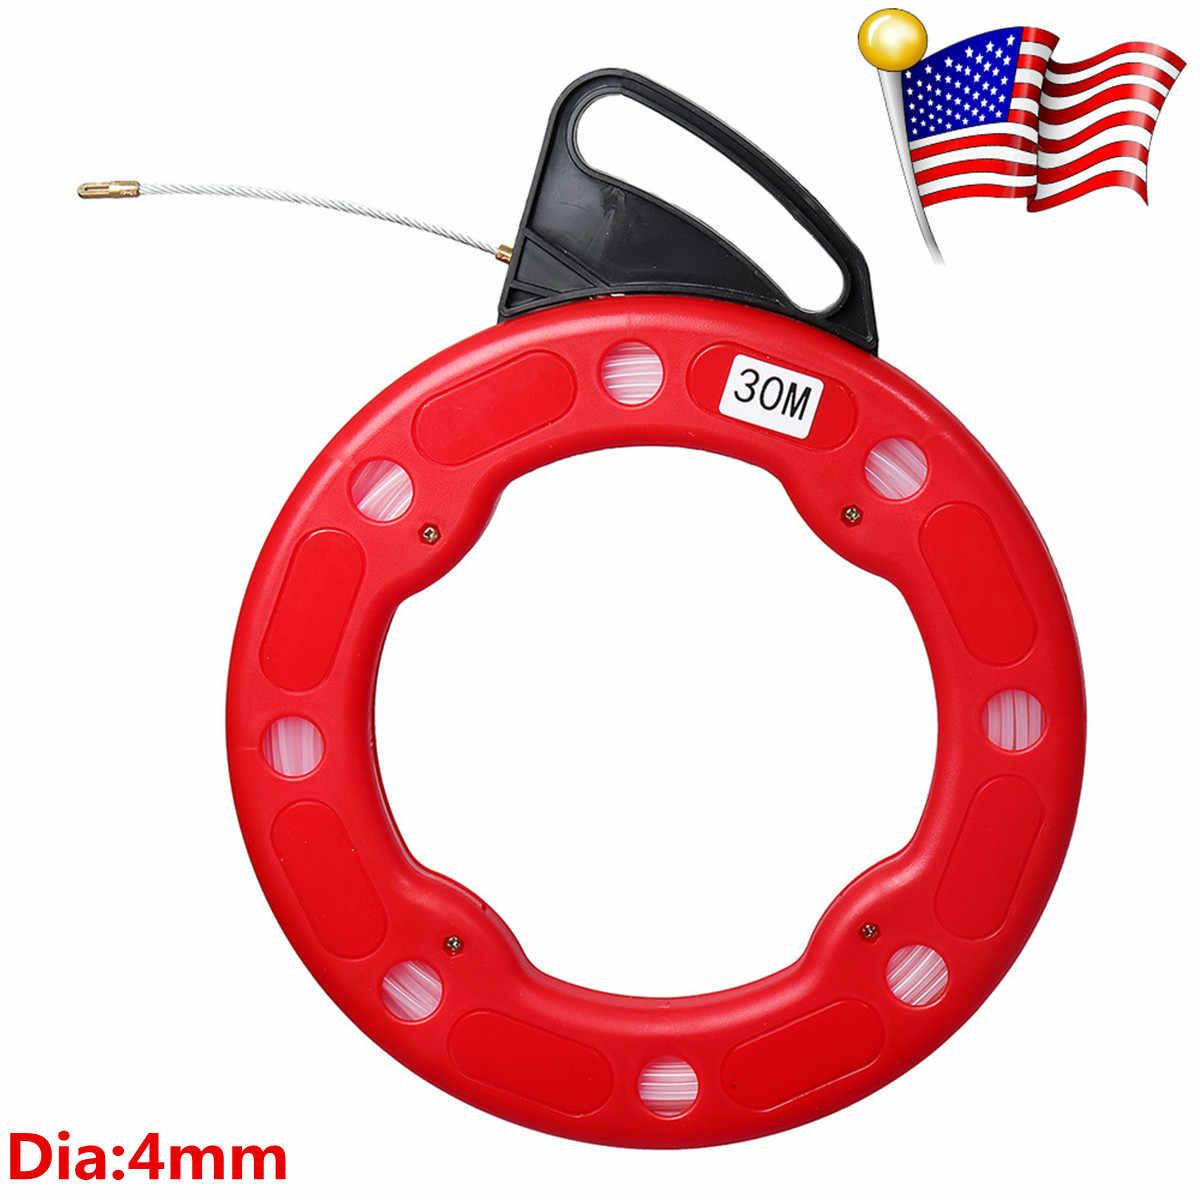 30M 4mm fiber de verre poisson bande bobine extracteur fiber de verre en nylon Conduit Conduit Rodder tirant fil câble outil de pêche rouge